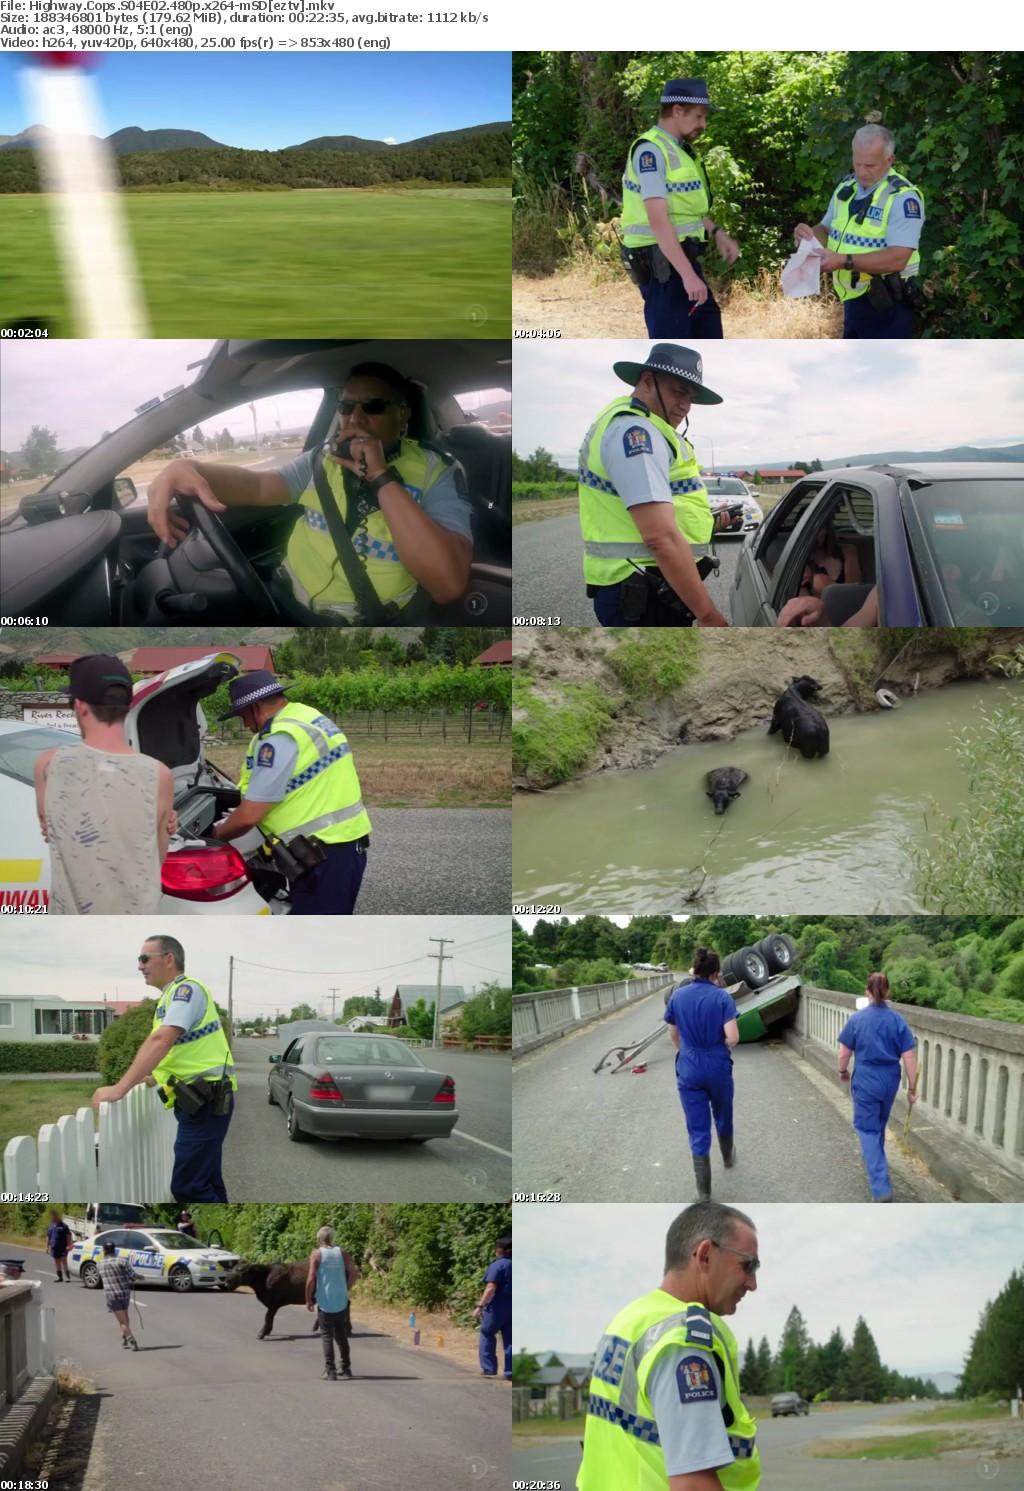 Highway Cops S04E02 480p x264-mSD